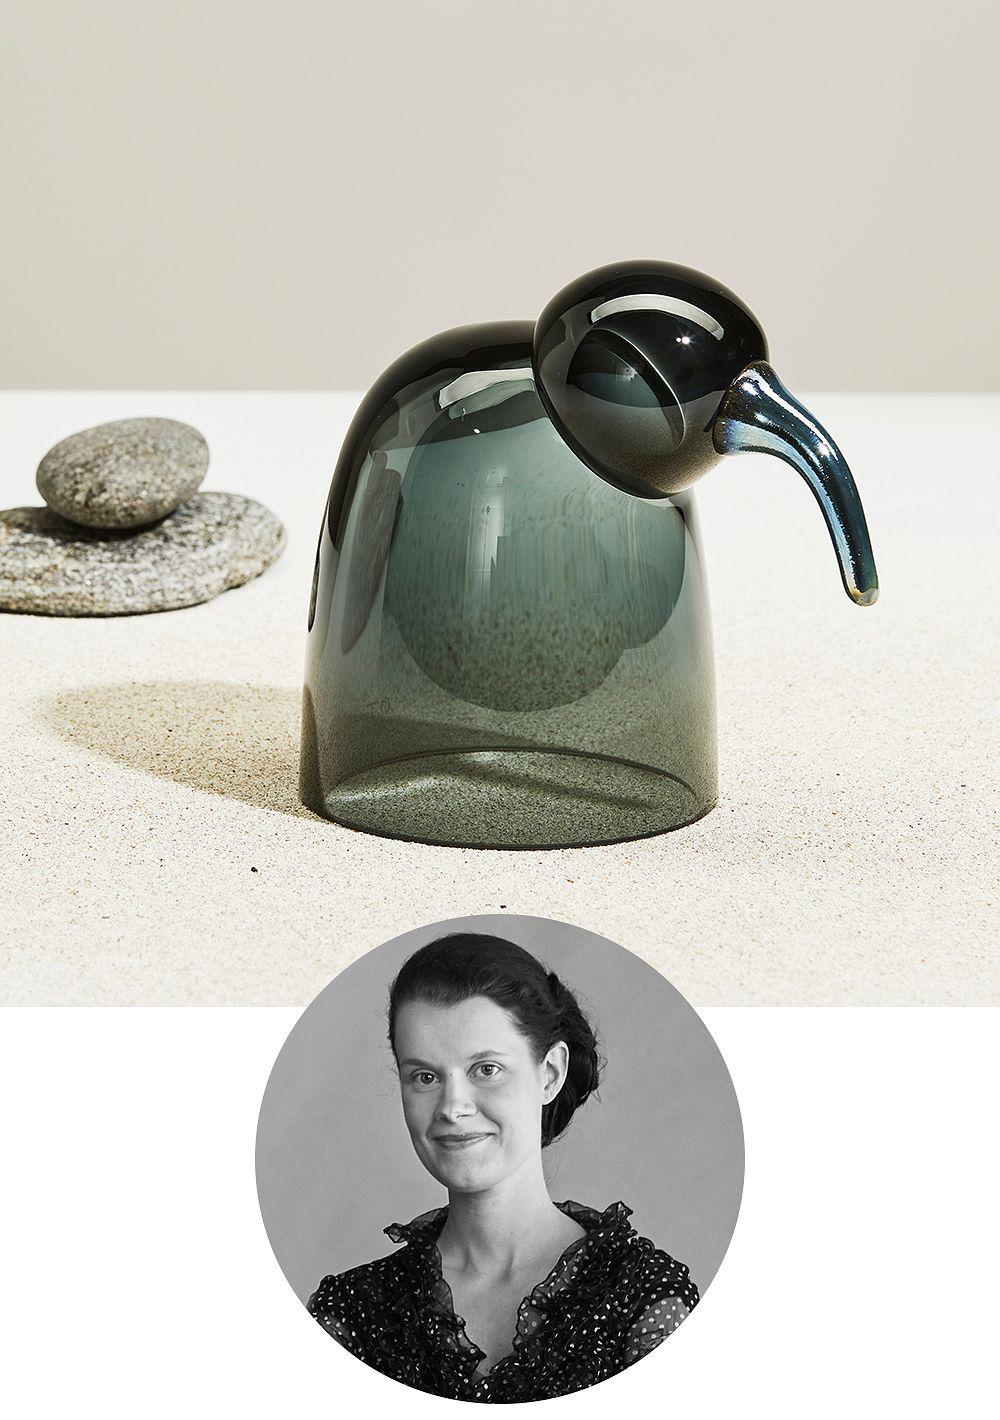 Iittala's Aili bird designed by Oiva Toikka